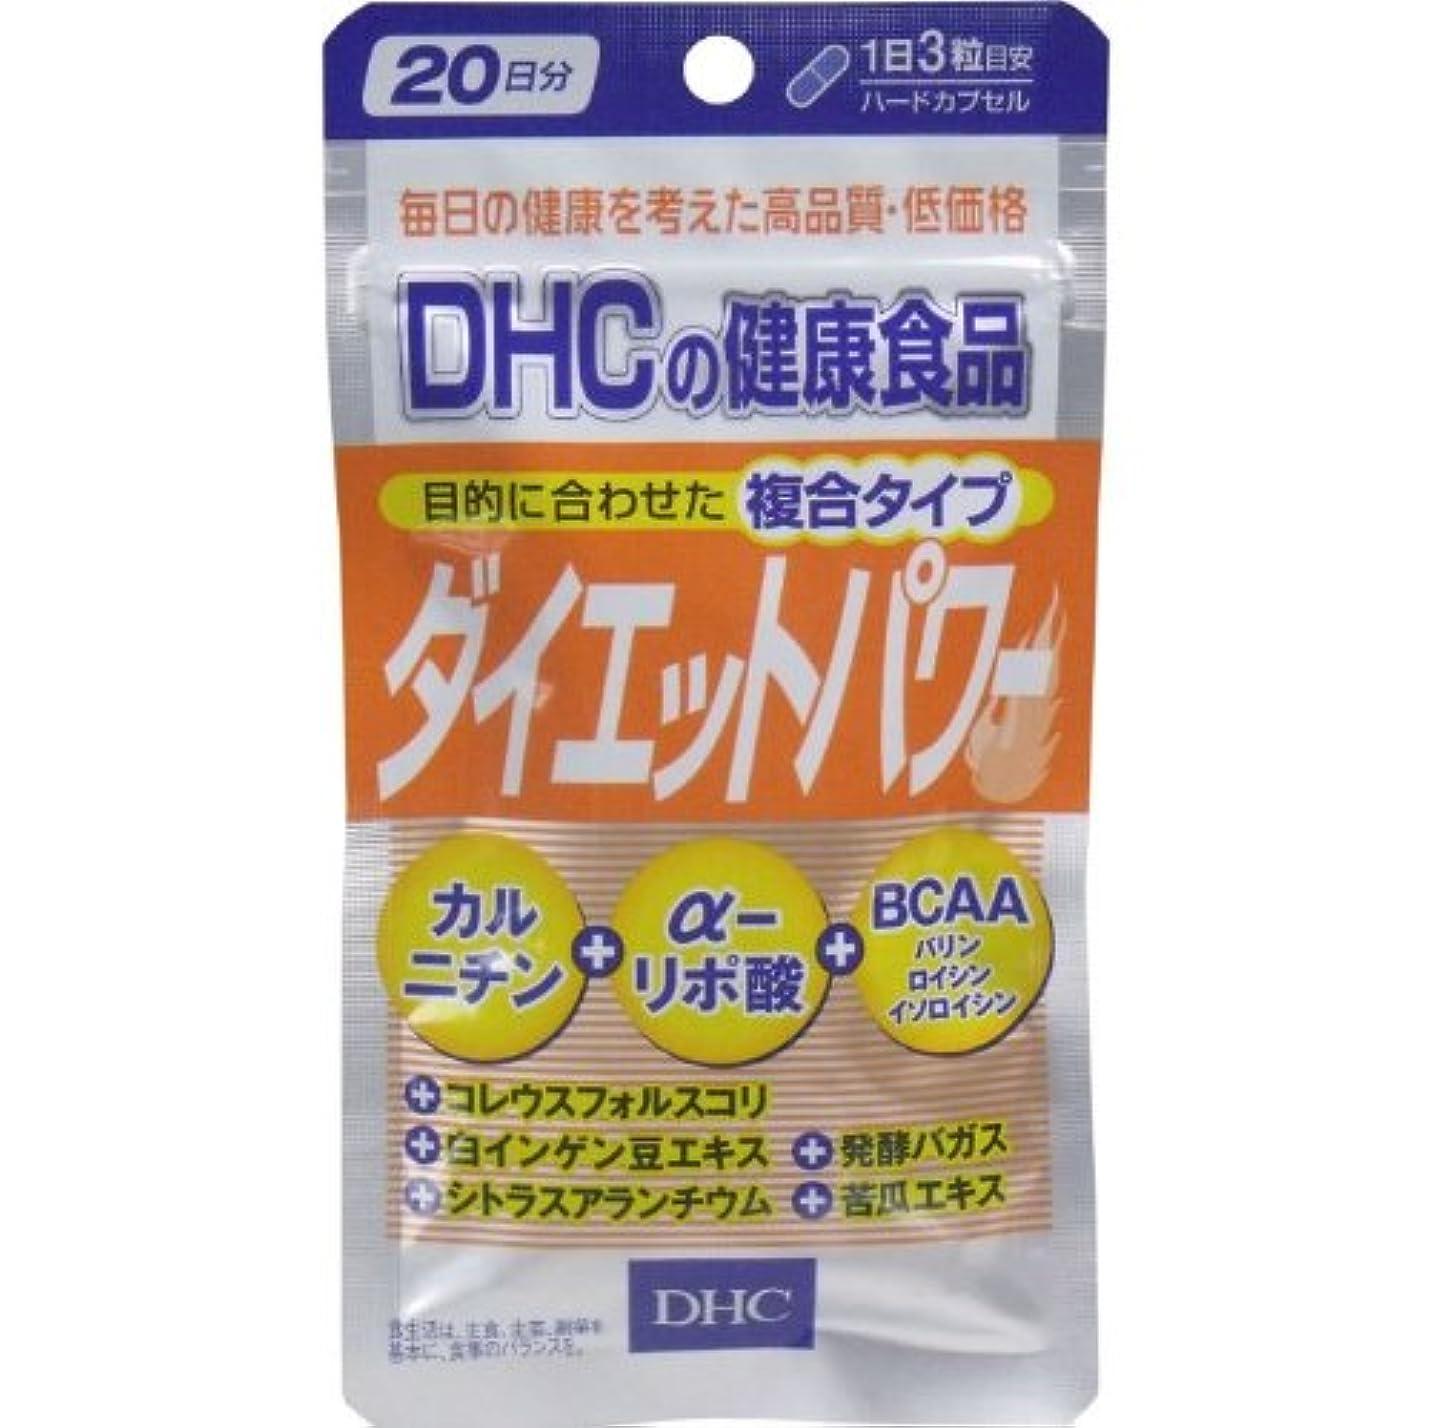 信じる断線デコレーションDHC ダイエットパワー 60粒入 20日分「5点セット」